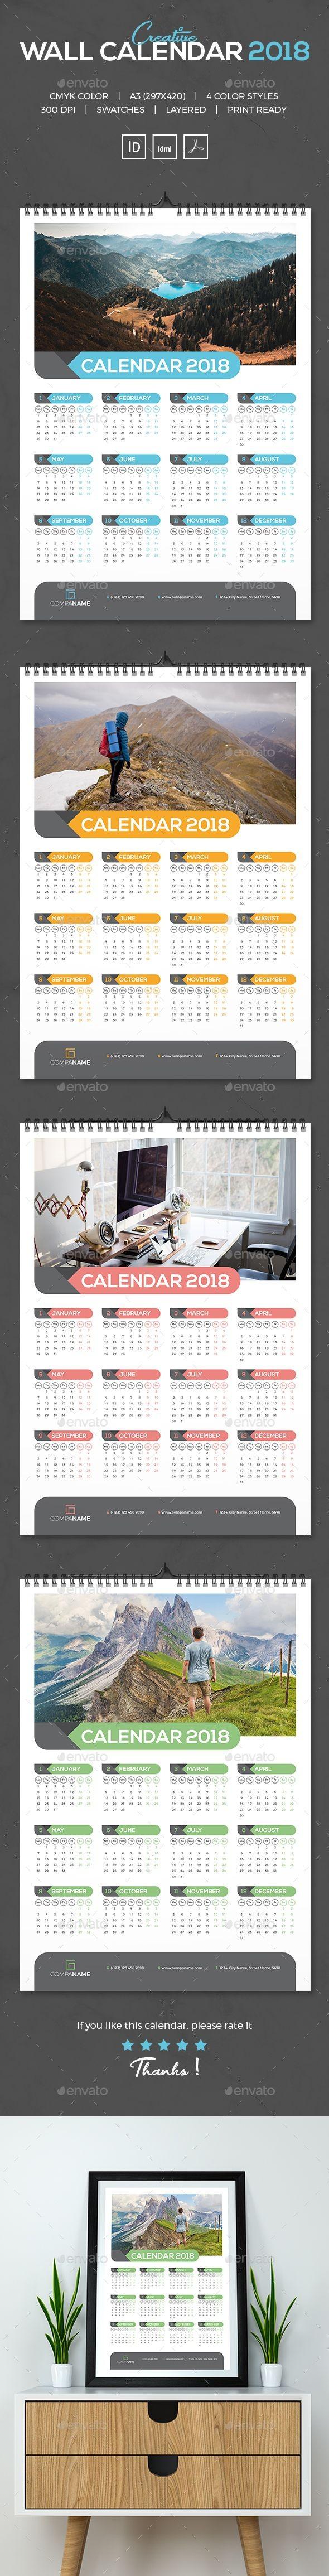 Calendario 2019 Indesign Más Caliente Wall Calendar 2018 Calendars Stationery Calendar Of Calendario 2019 Indesign Mejores Y Más Novedosos Unique Calendars 2016 Half Page Calendar Template 2016 Unique